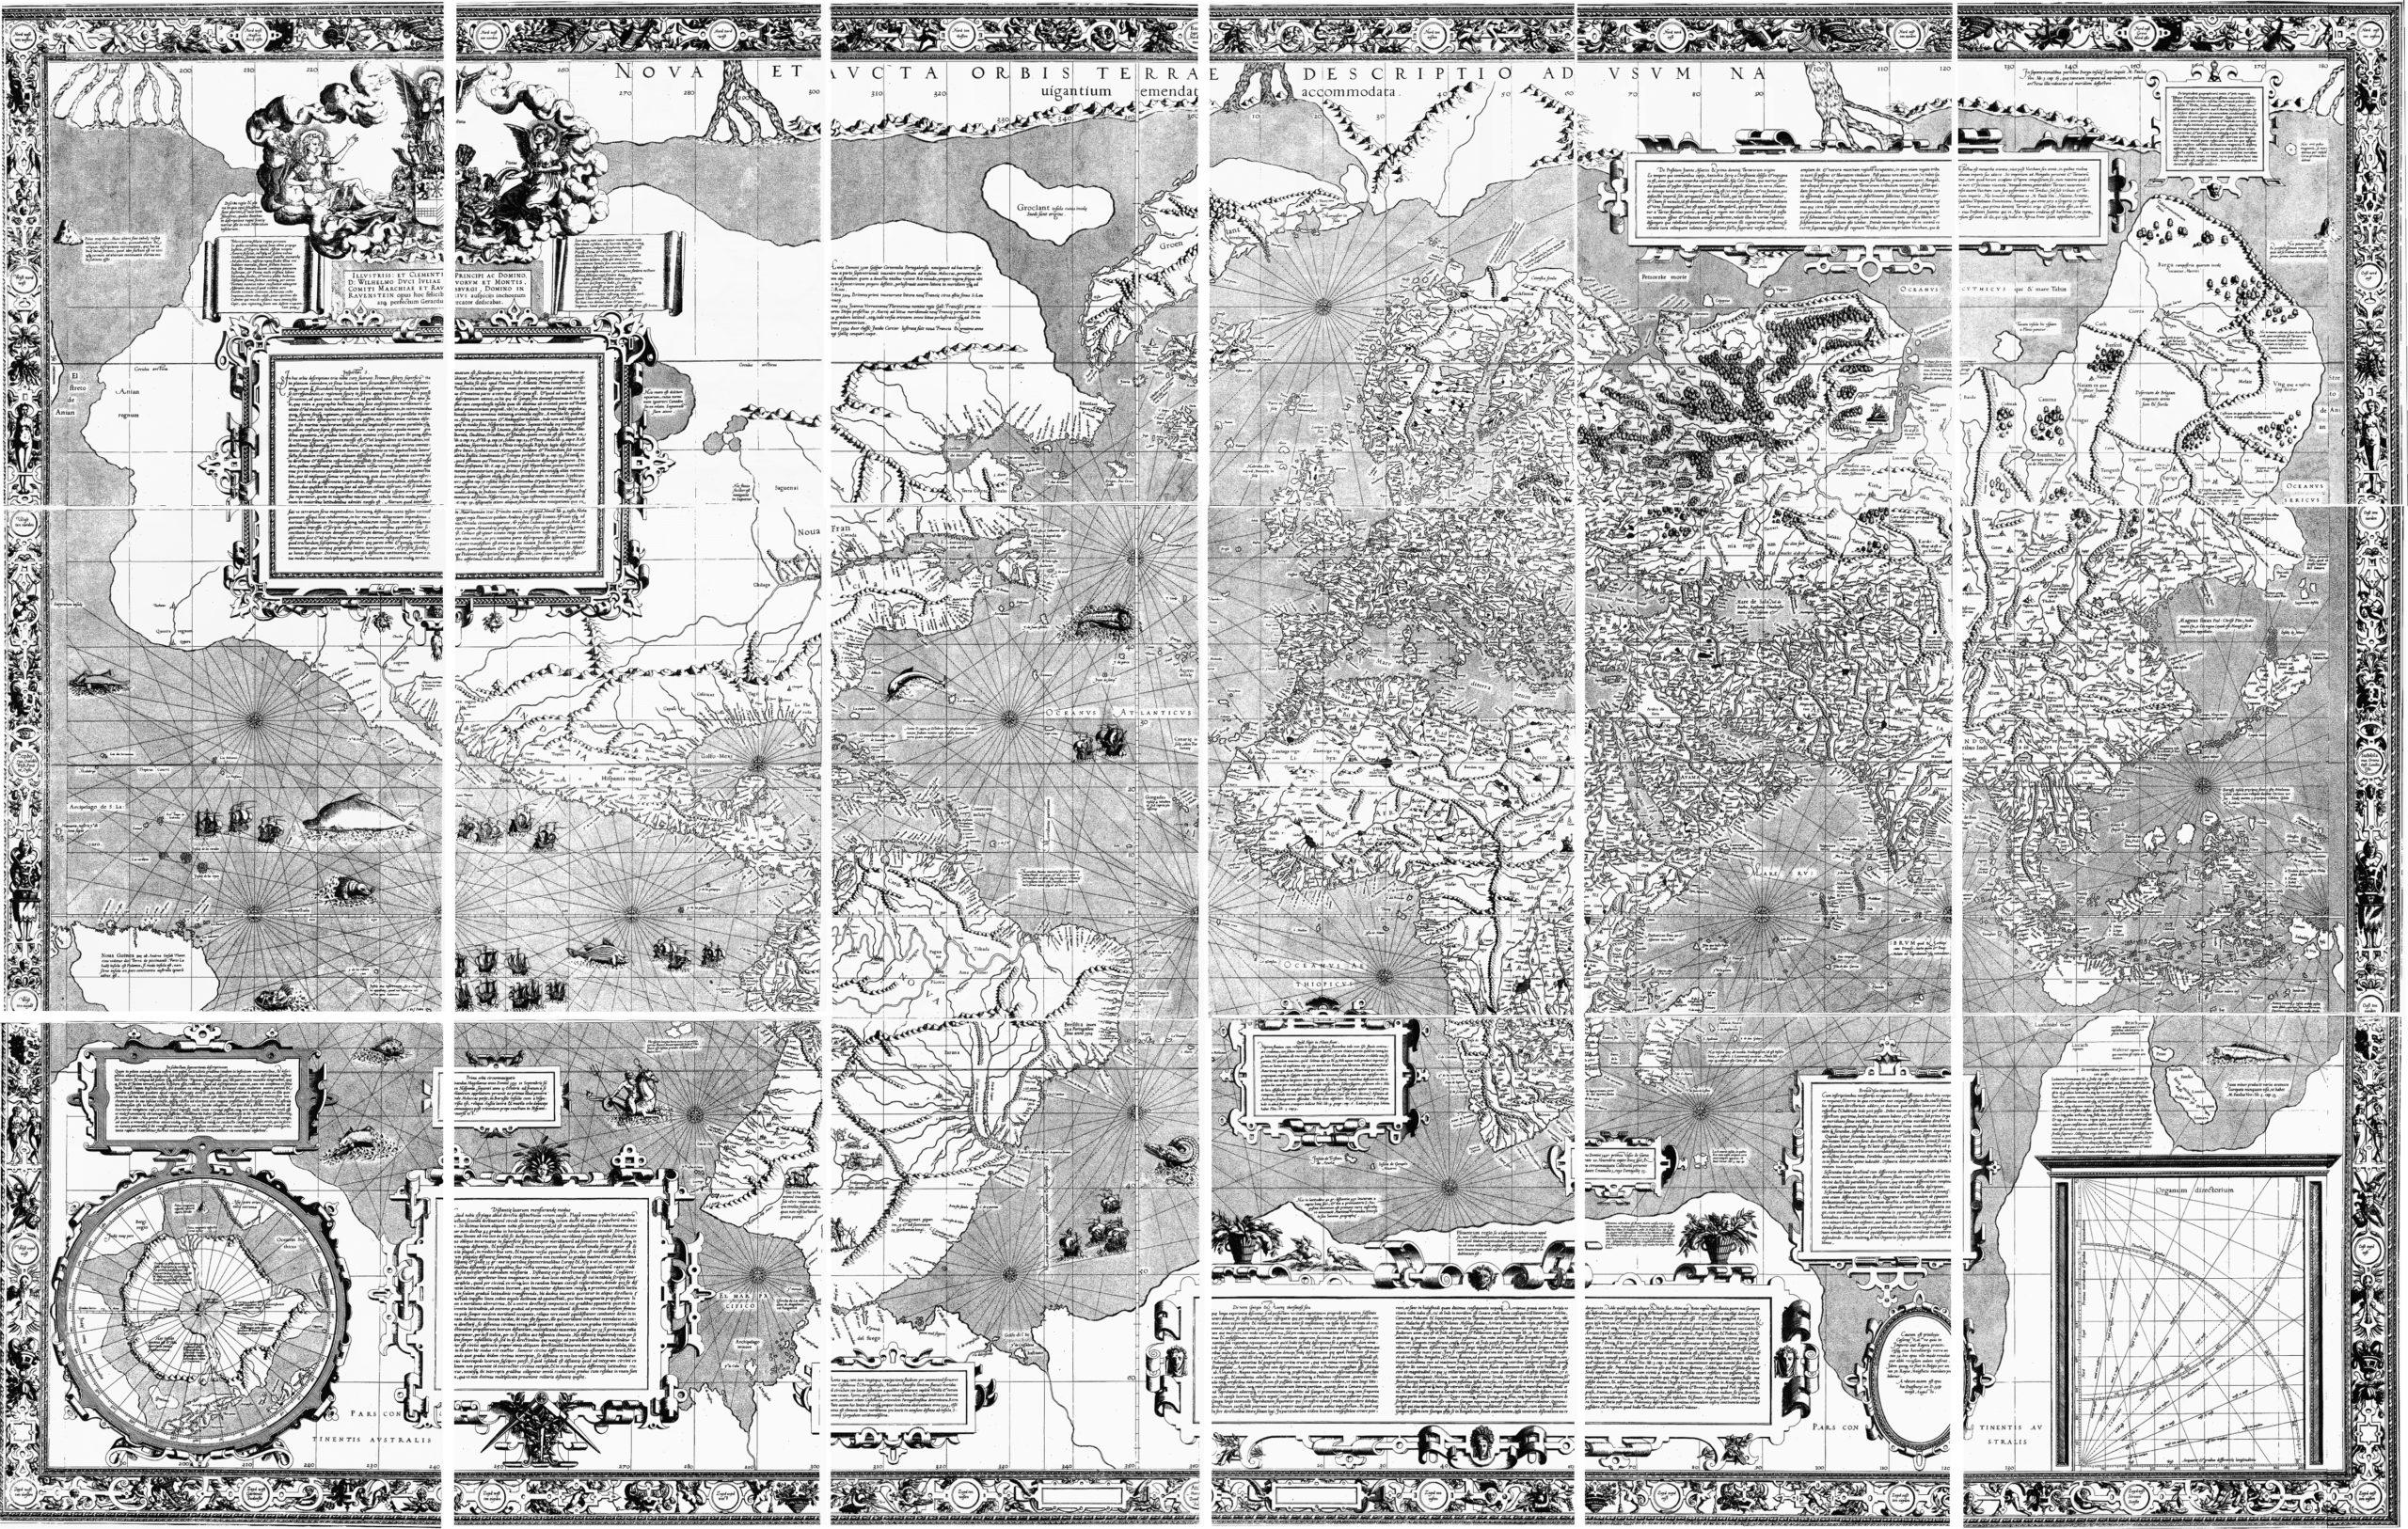 ゲラルドゥス・メルカトルの世界地図